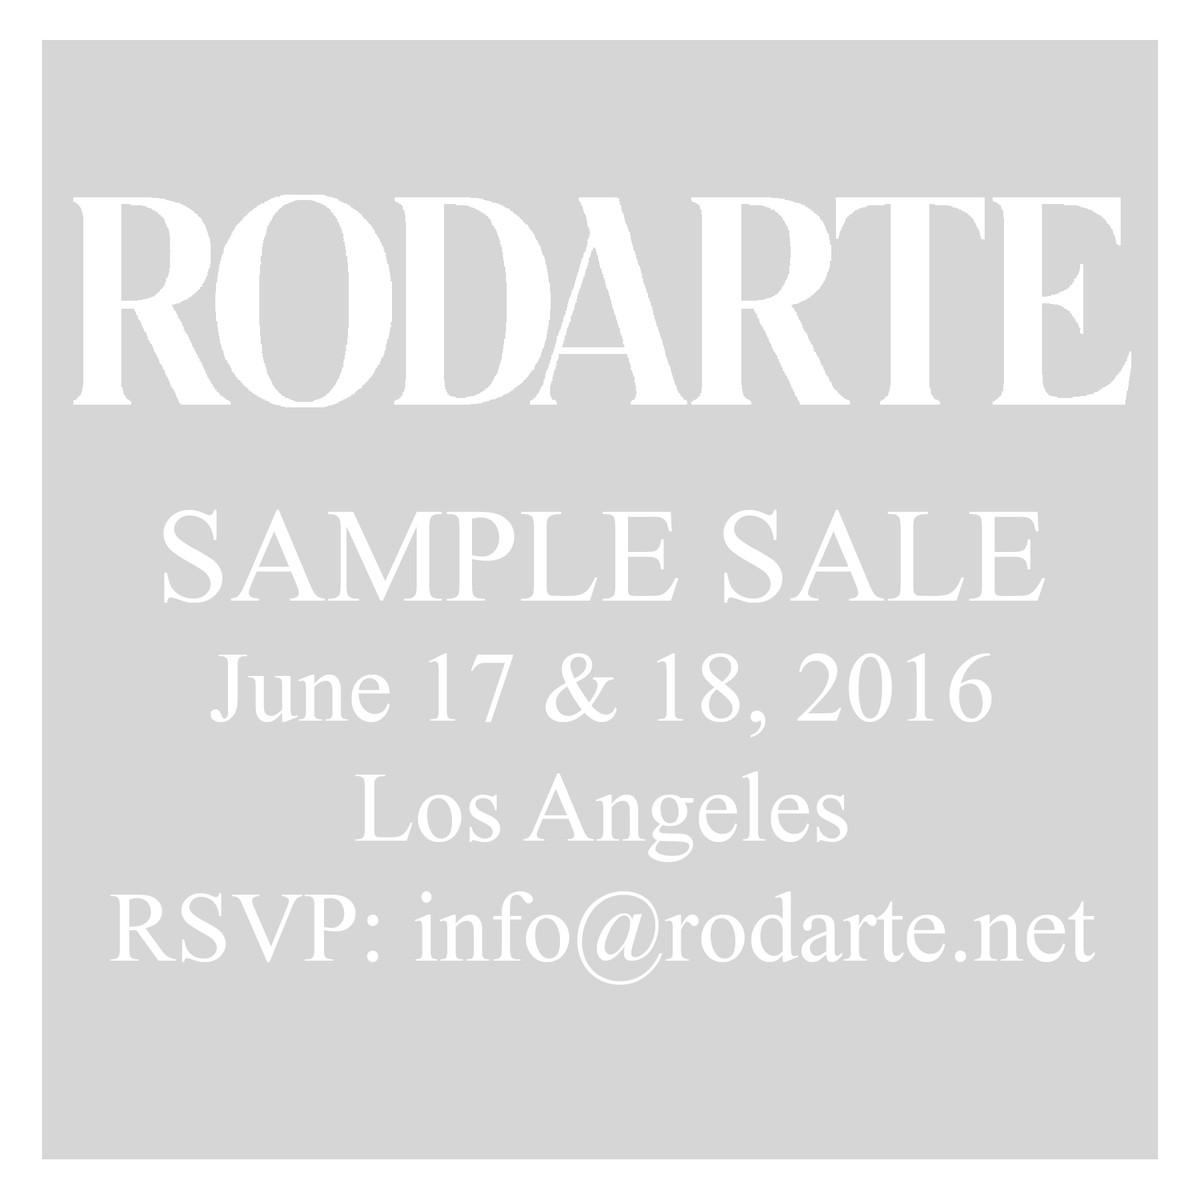 Rodarte LA Sale Flyer